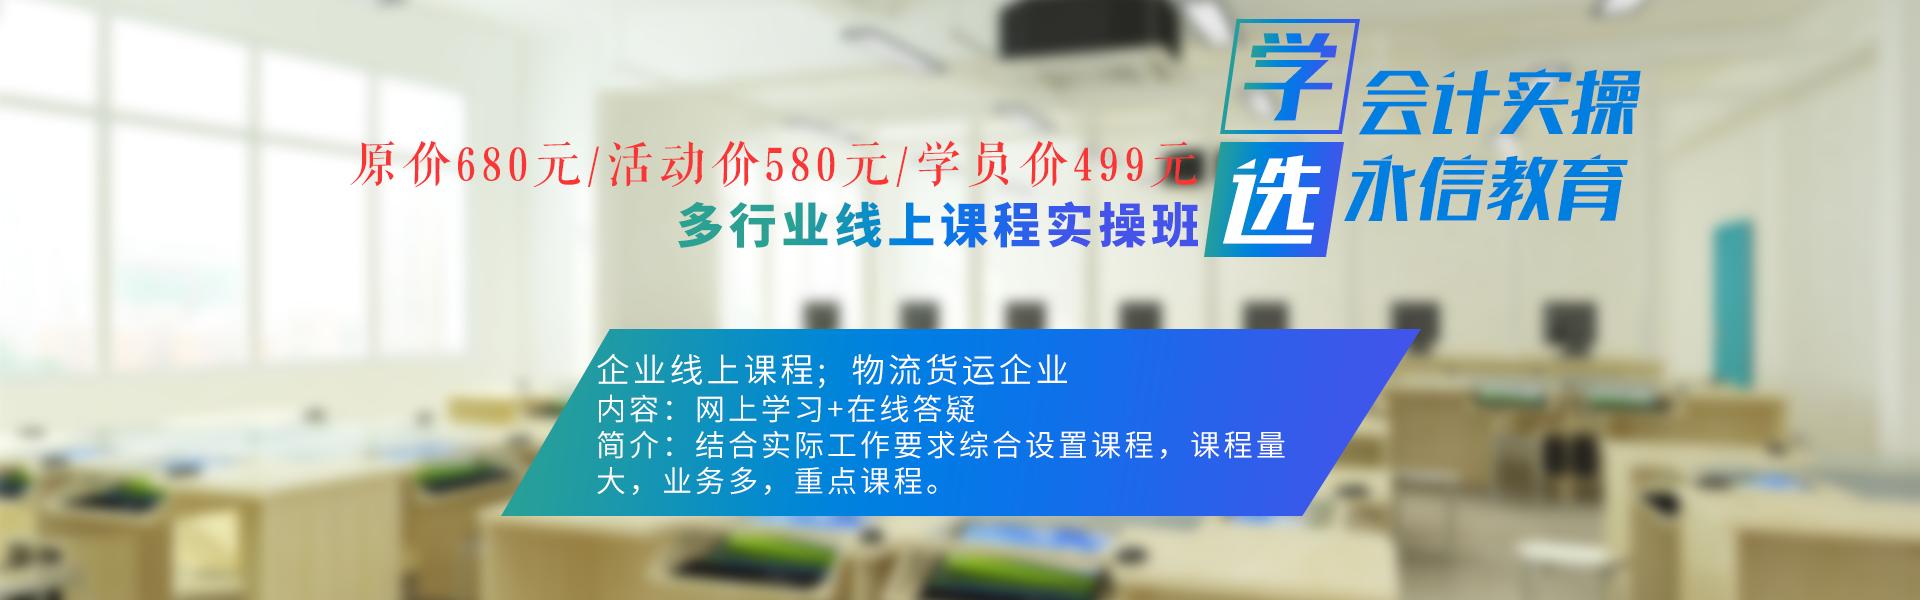 内页banner物流货运企业.png